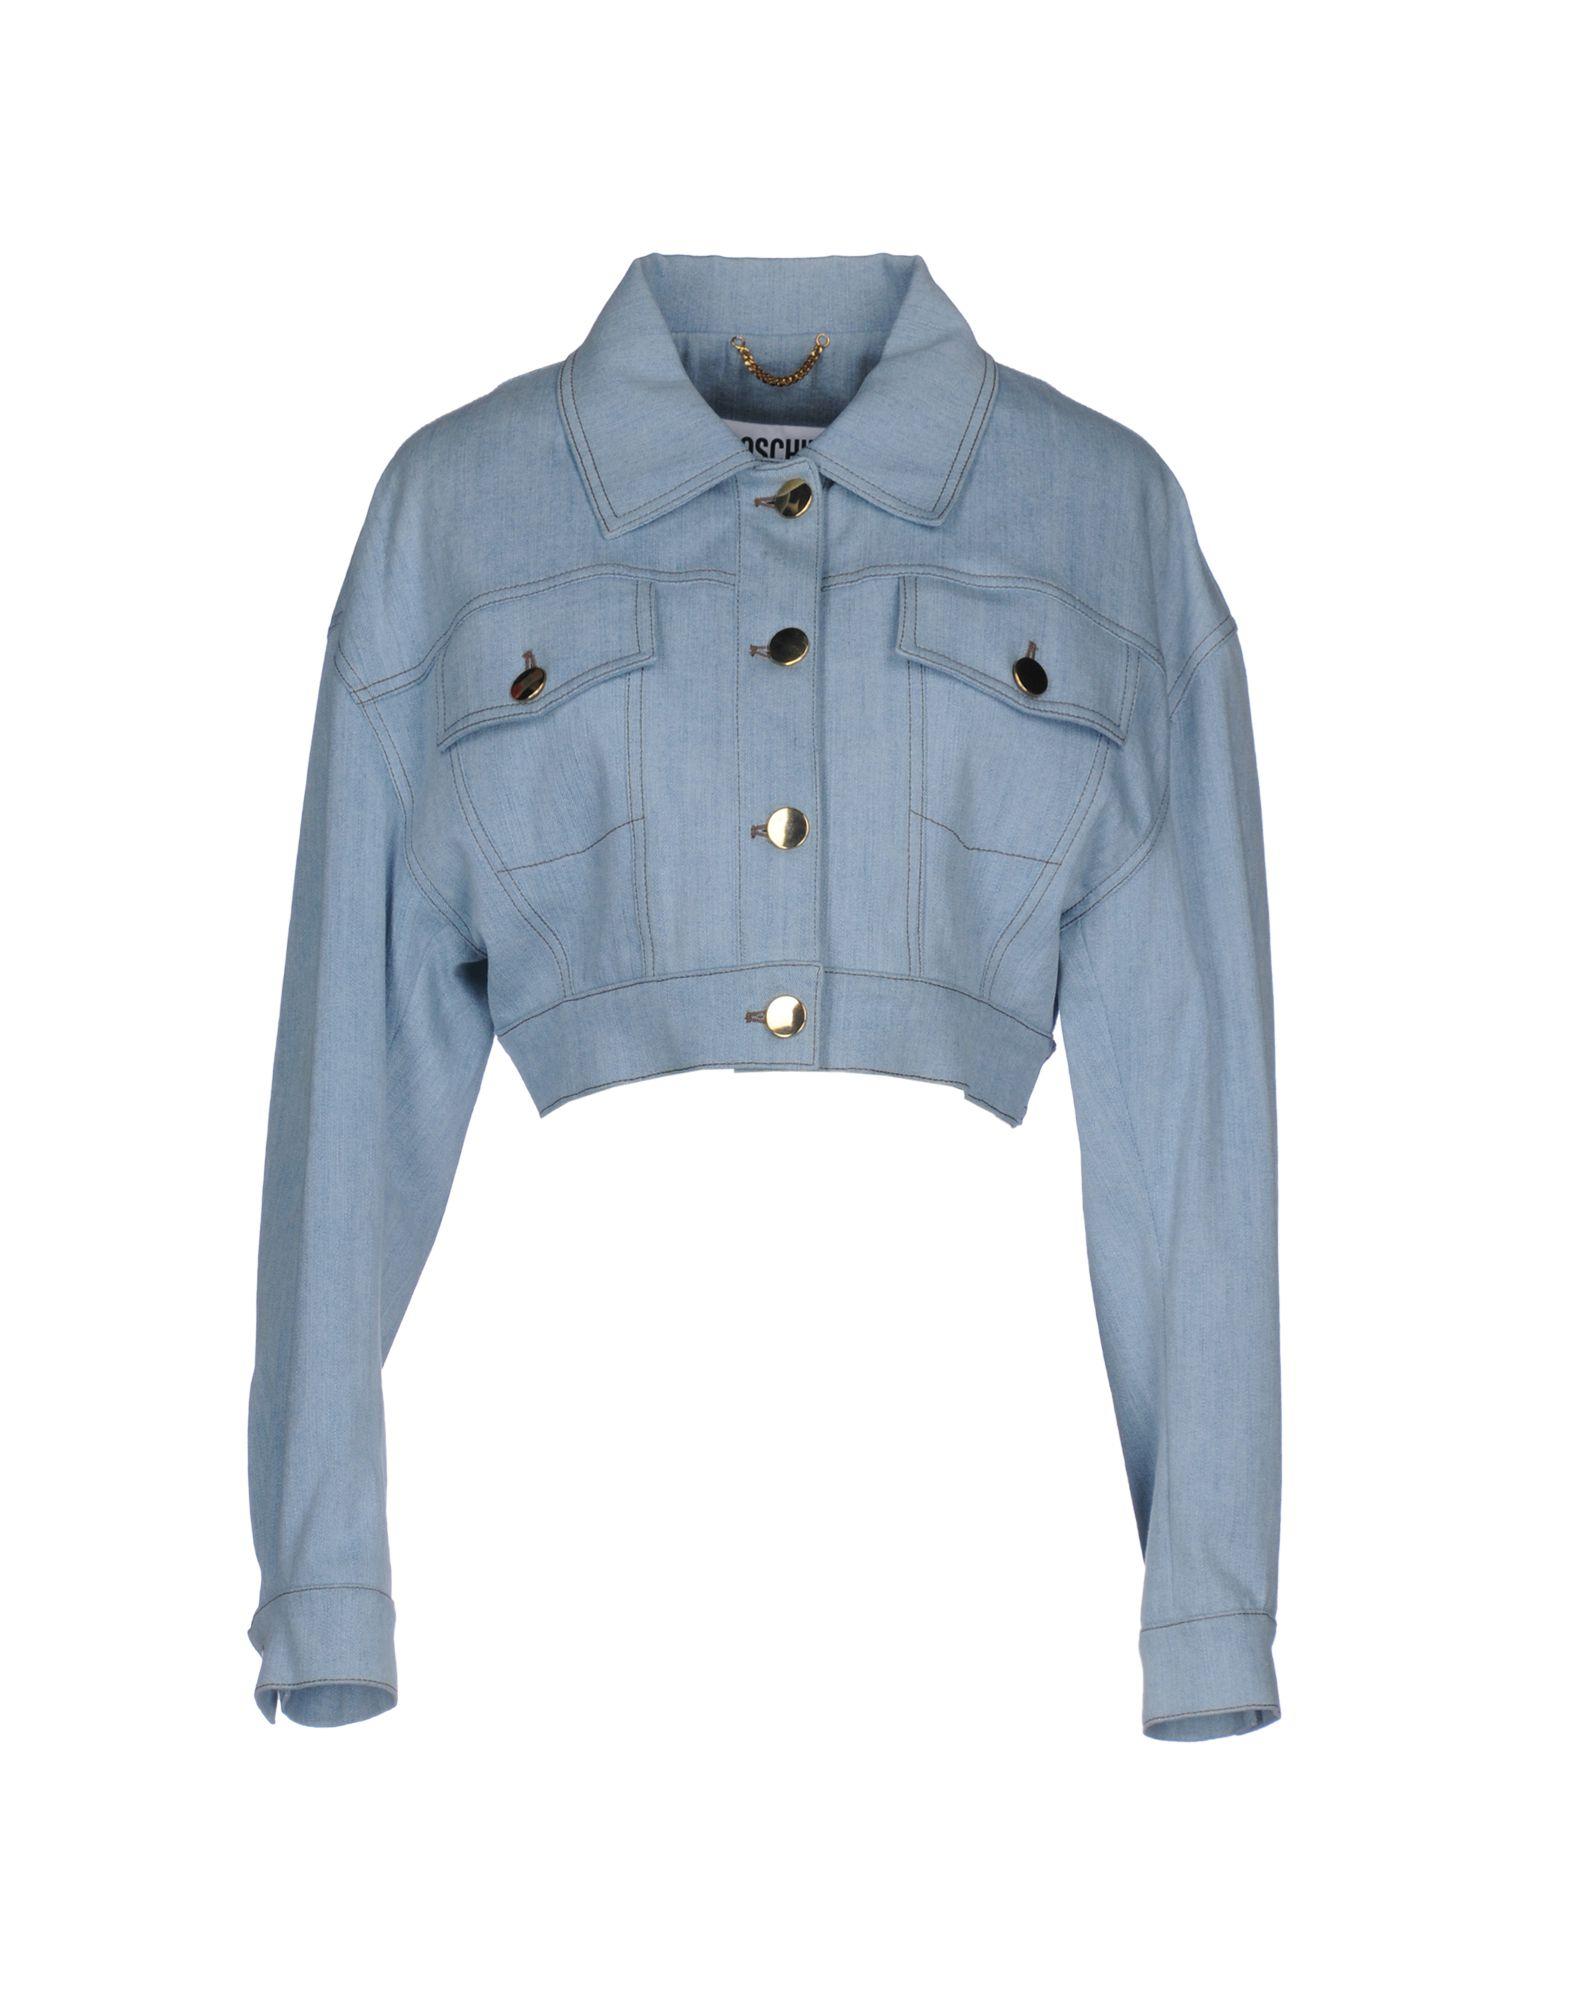 moschino джинсовая верхняя одежда MOSCHINO COUTURE Джинсовая верхняя одежда